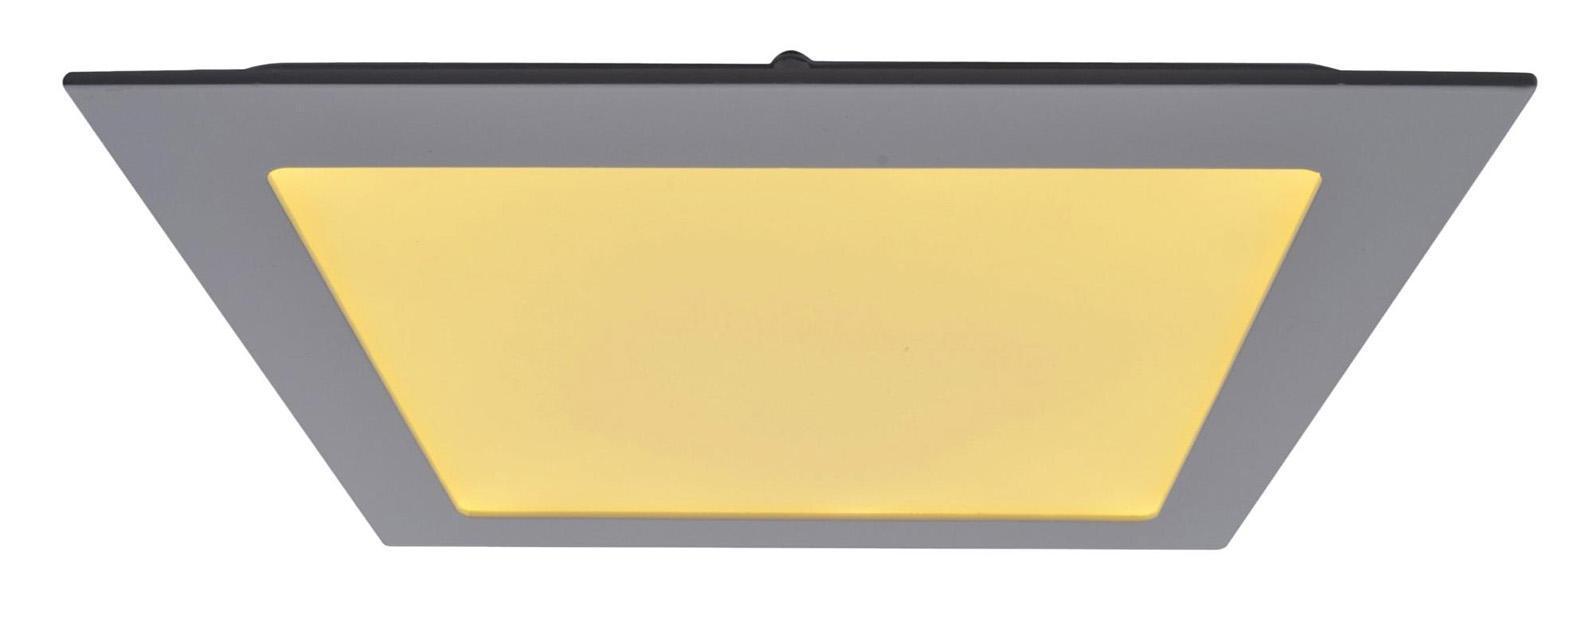 Светильник встраиваемый Arte lamp A2418pl-1wh встраиваемый светильник arte lamp cielo a7314pl 1wh